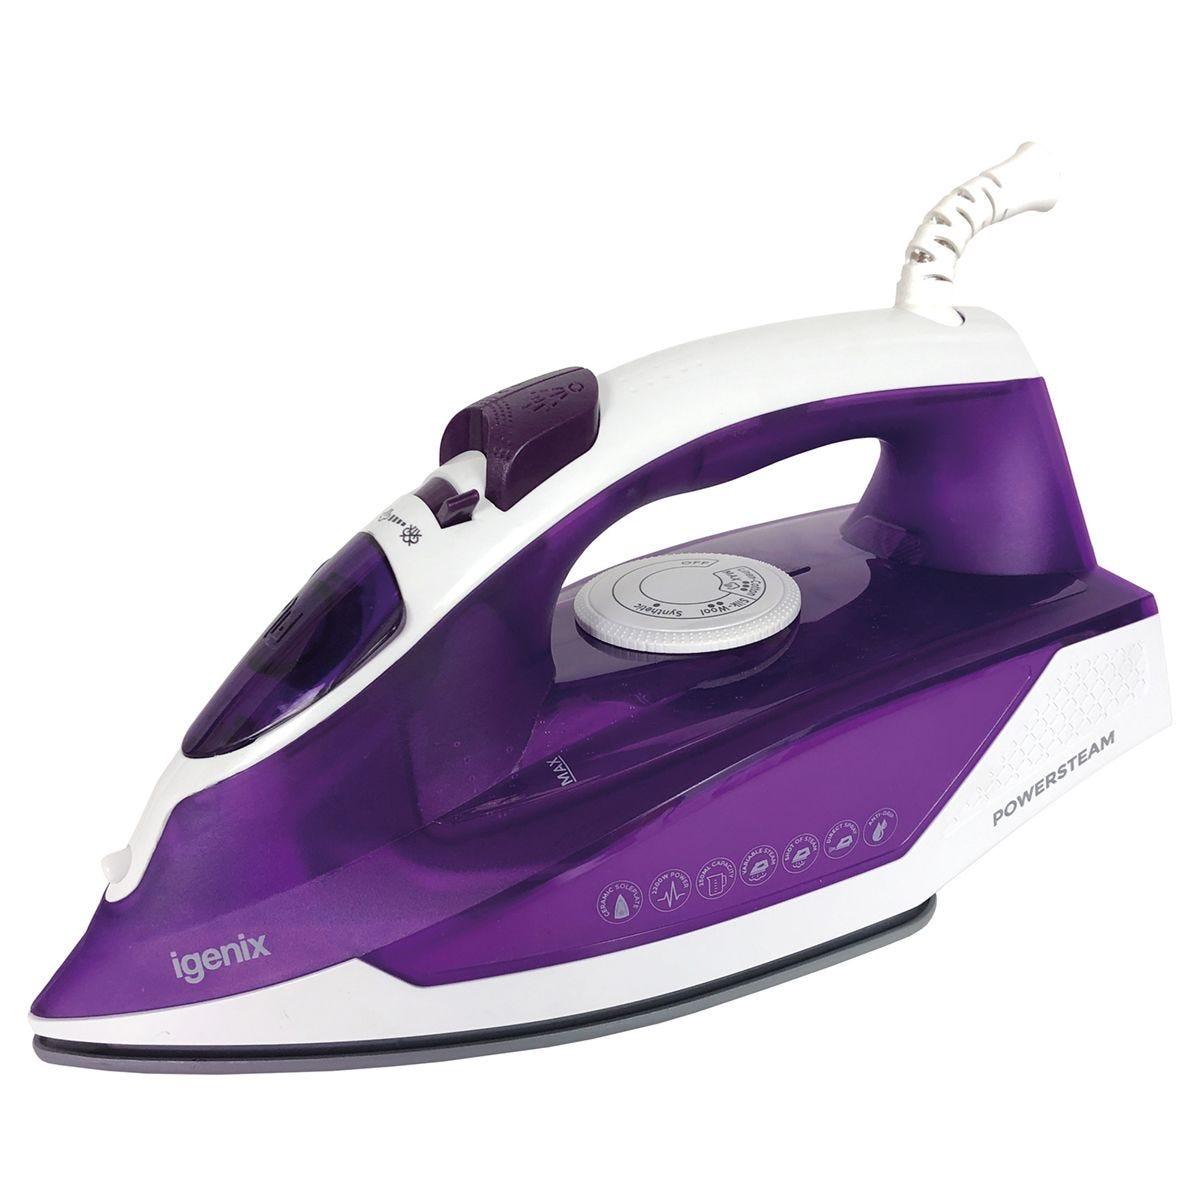 Igenix IG3122 Powersteam Vertical 2200W Steam Iron - Purple/White